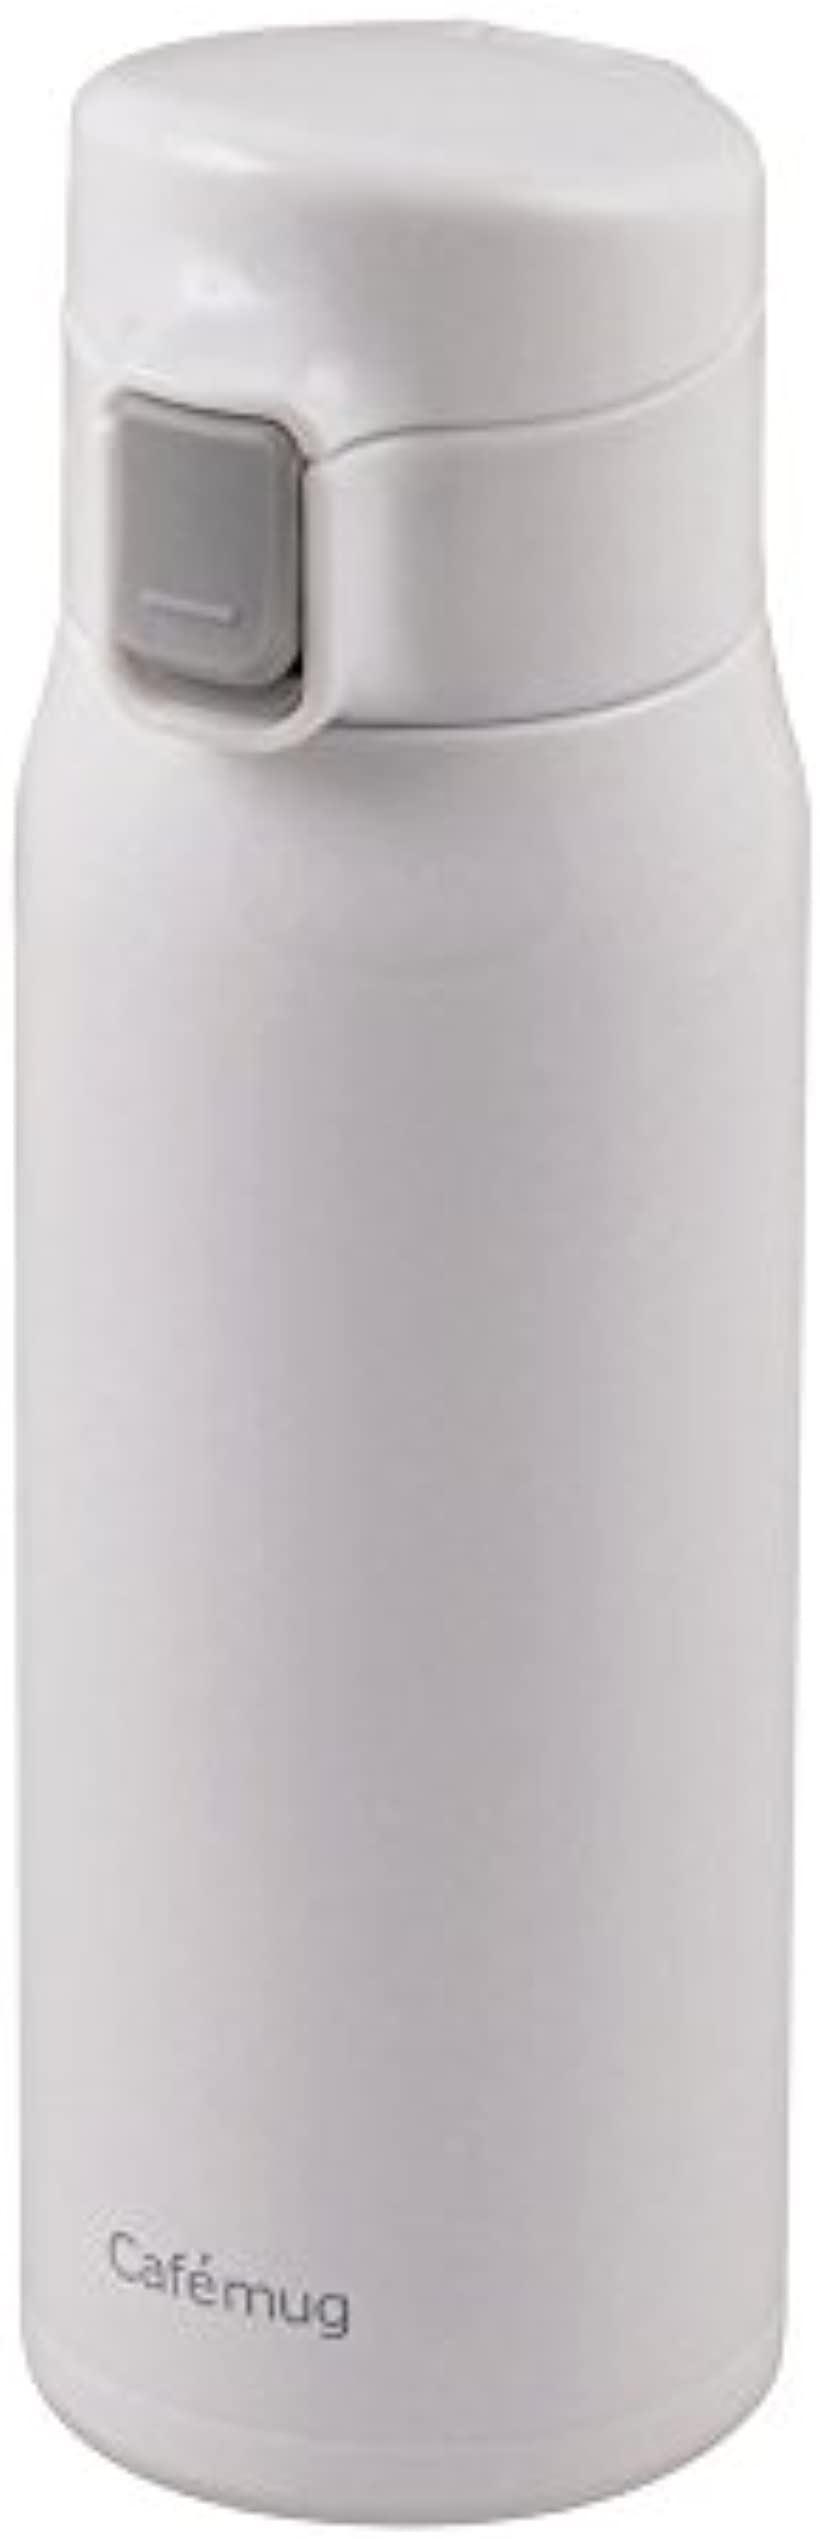 水筒 直飲み ステンレス 軽量 ワンタッチ マグ カフェマグライト HB-1934(ホワイト, 500ml)